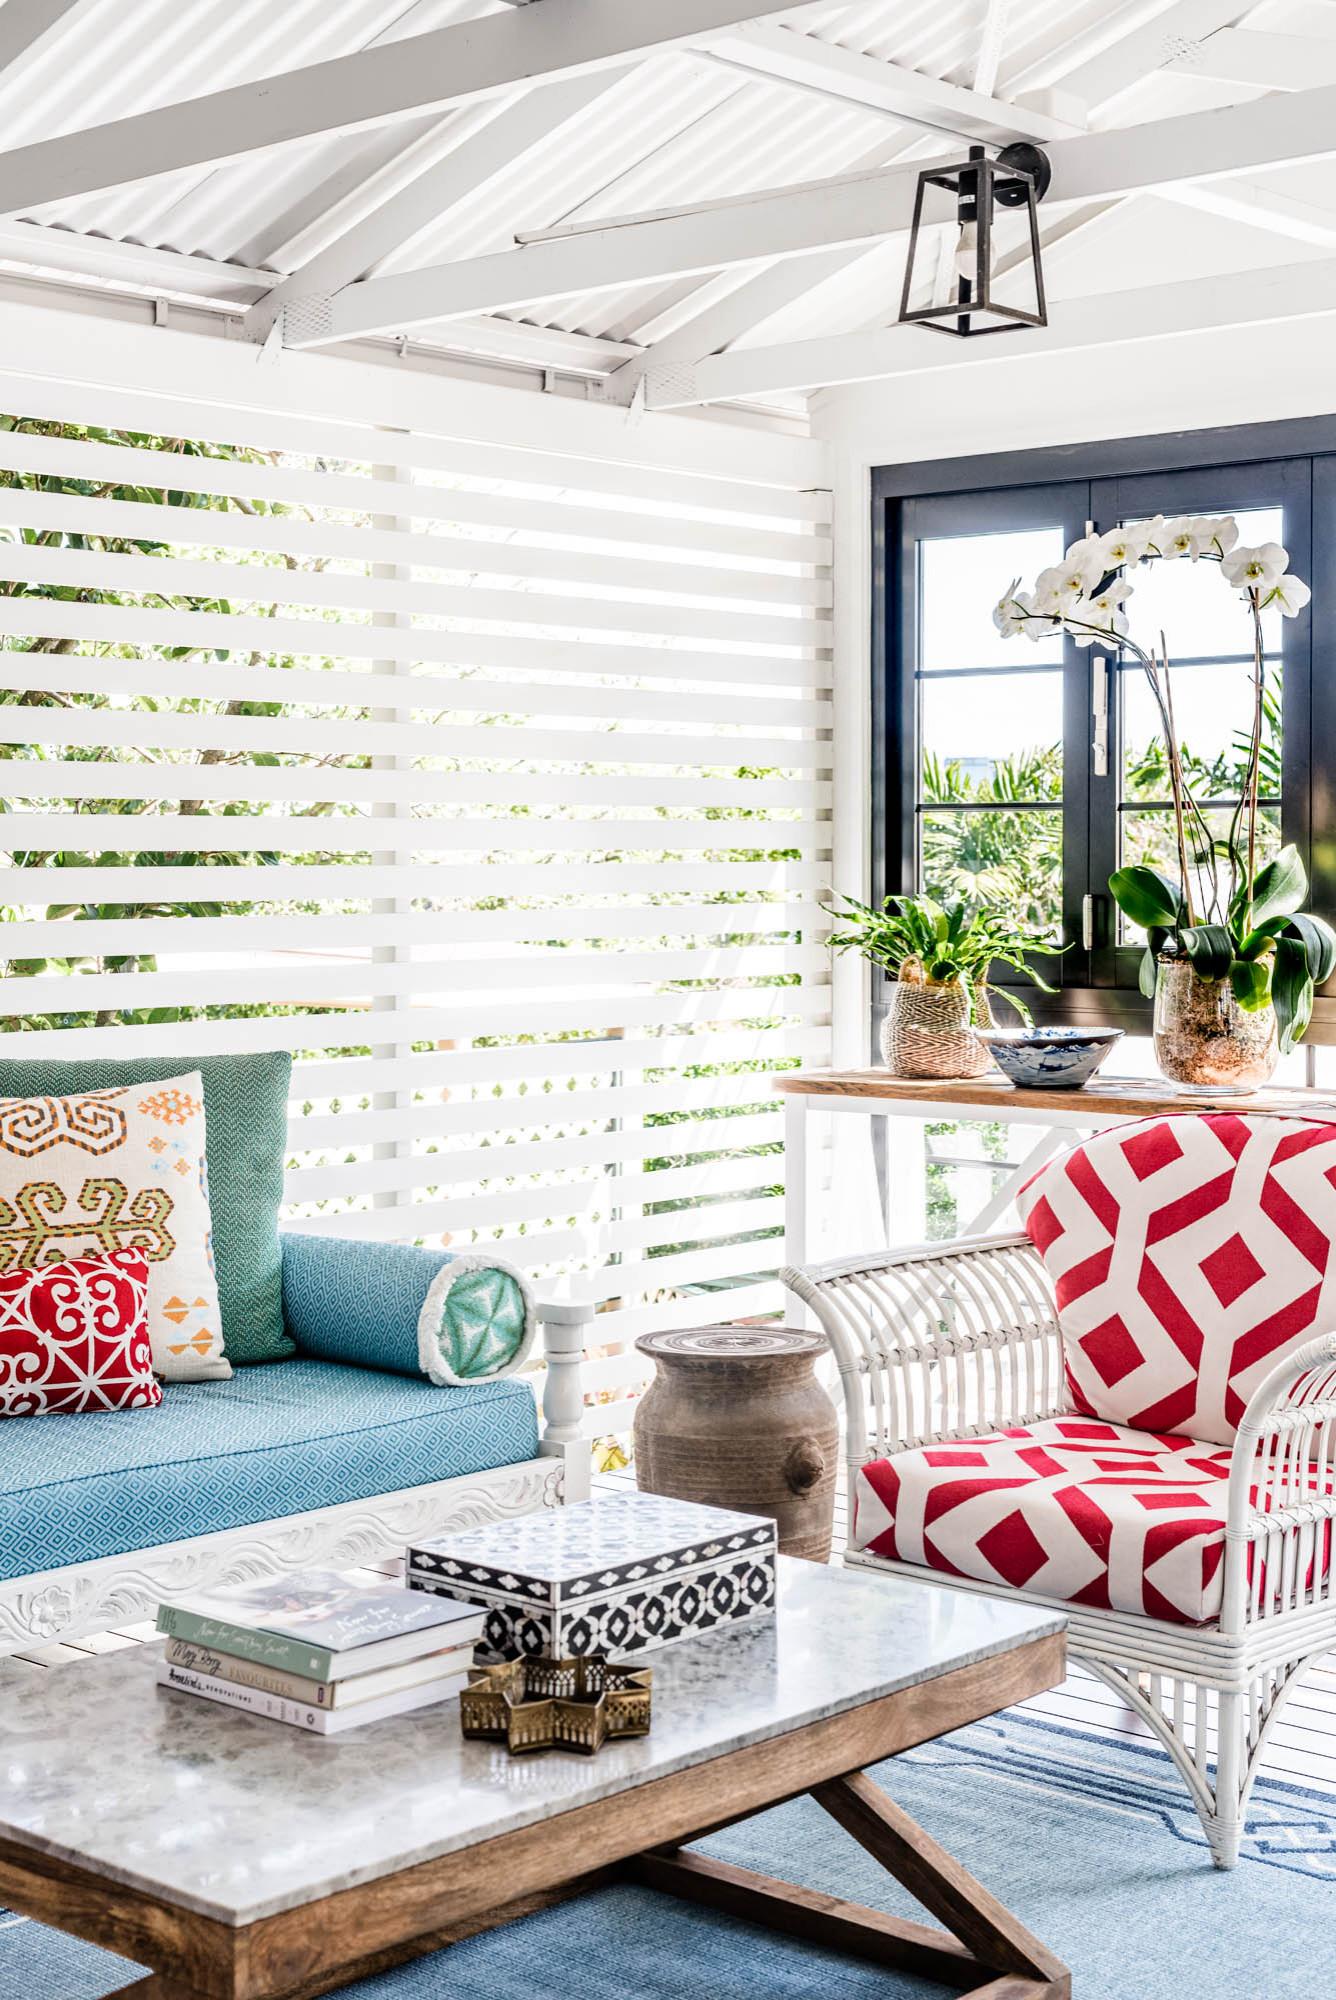 До и после: Застекленная веранда из открытой террасы идеи для дома,интерьер и дизайн,ремонт и строительство